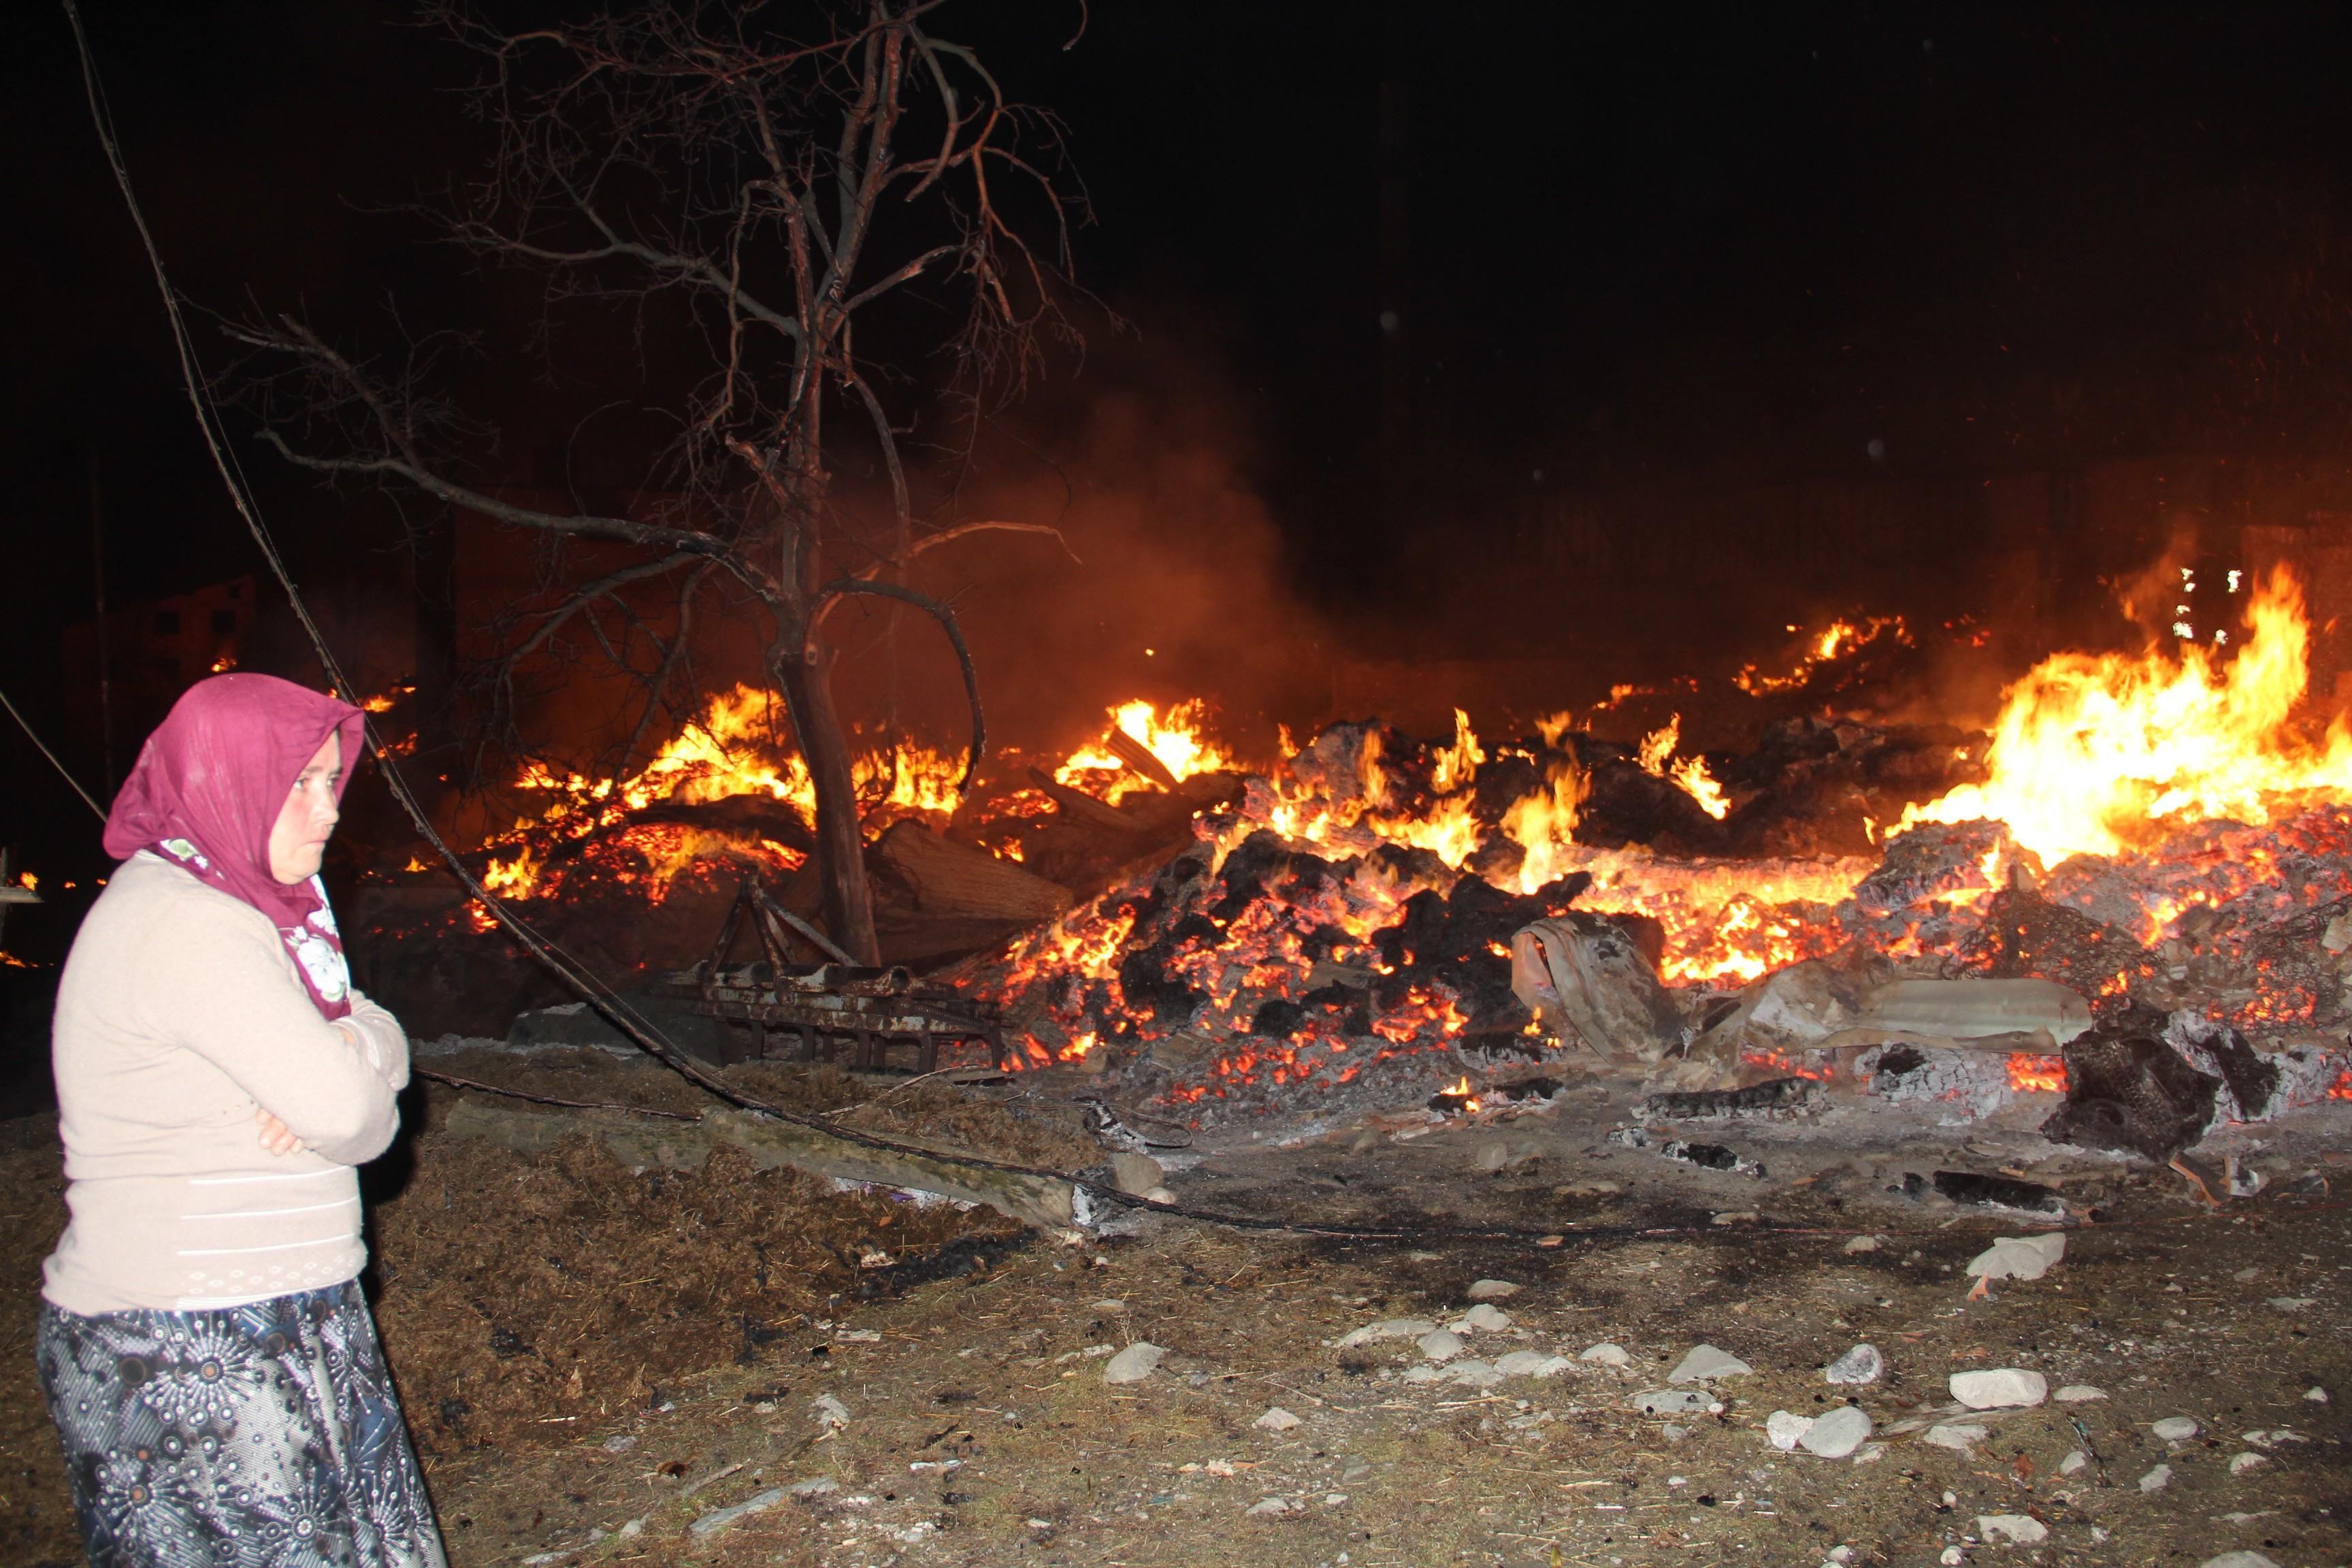 Çorum'da yangın! 30 ev kullanılamaz hale geldi